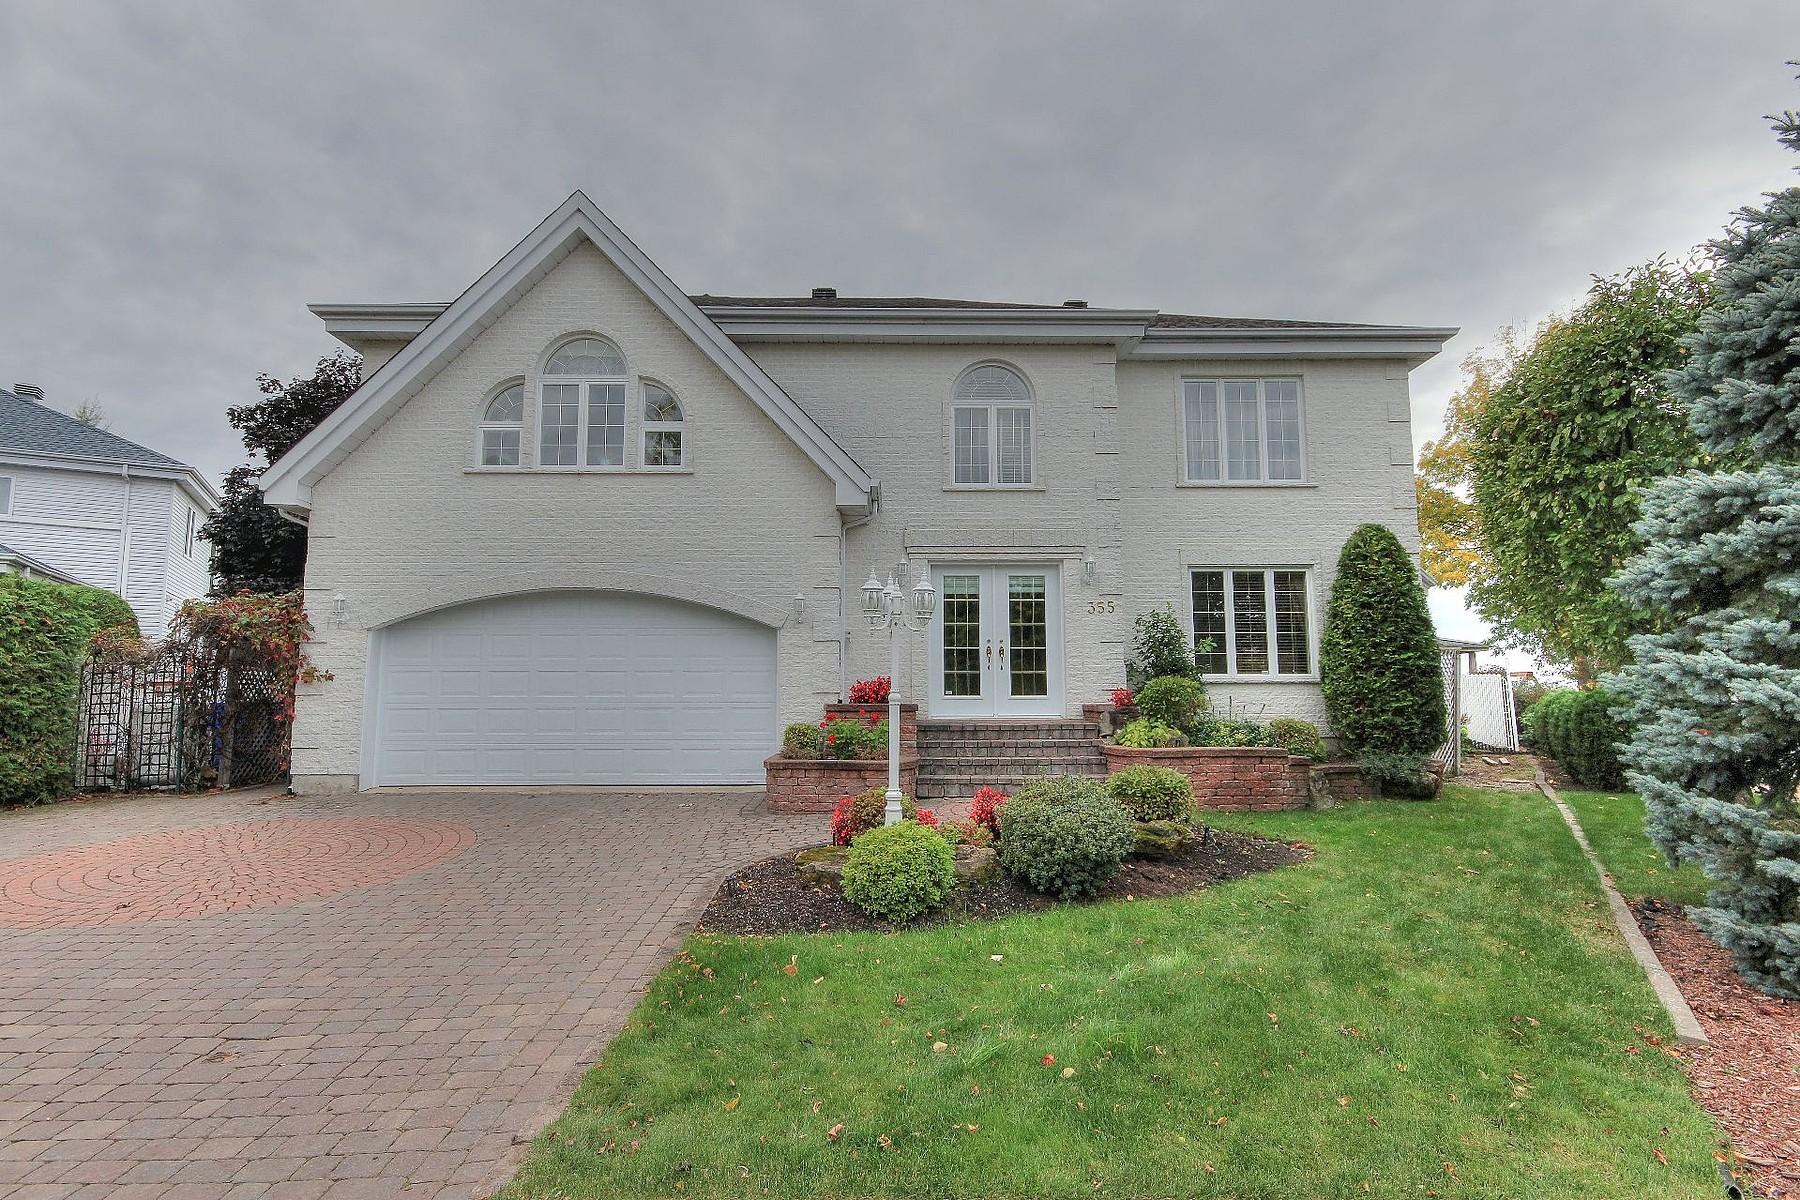 多户住宅 为 销售 在 Verchères, Montérégie 355 Rue Desmarais, 佛谢尔, 魁北克省, J0L2R0 加拿大